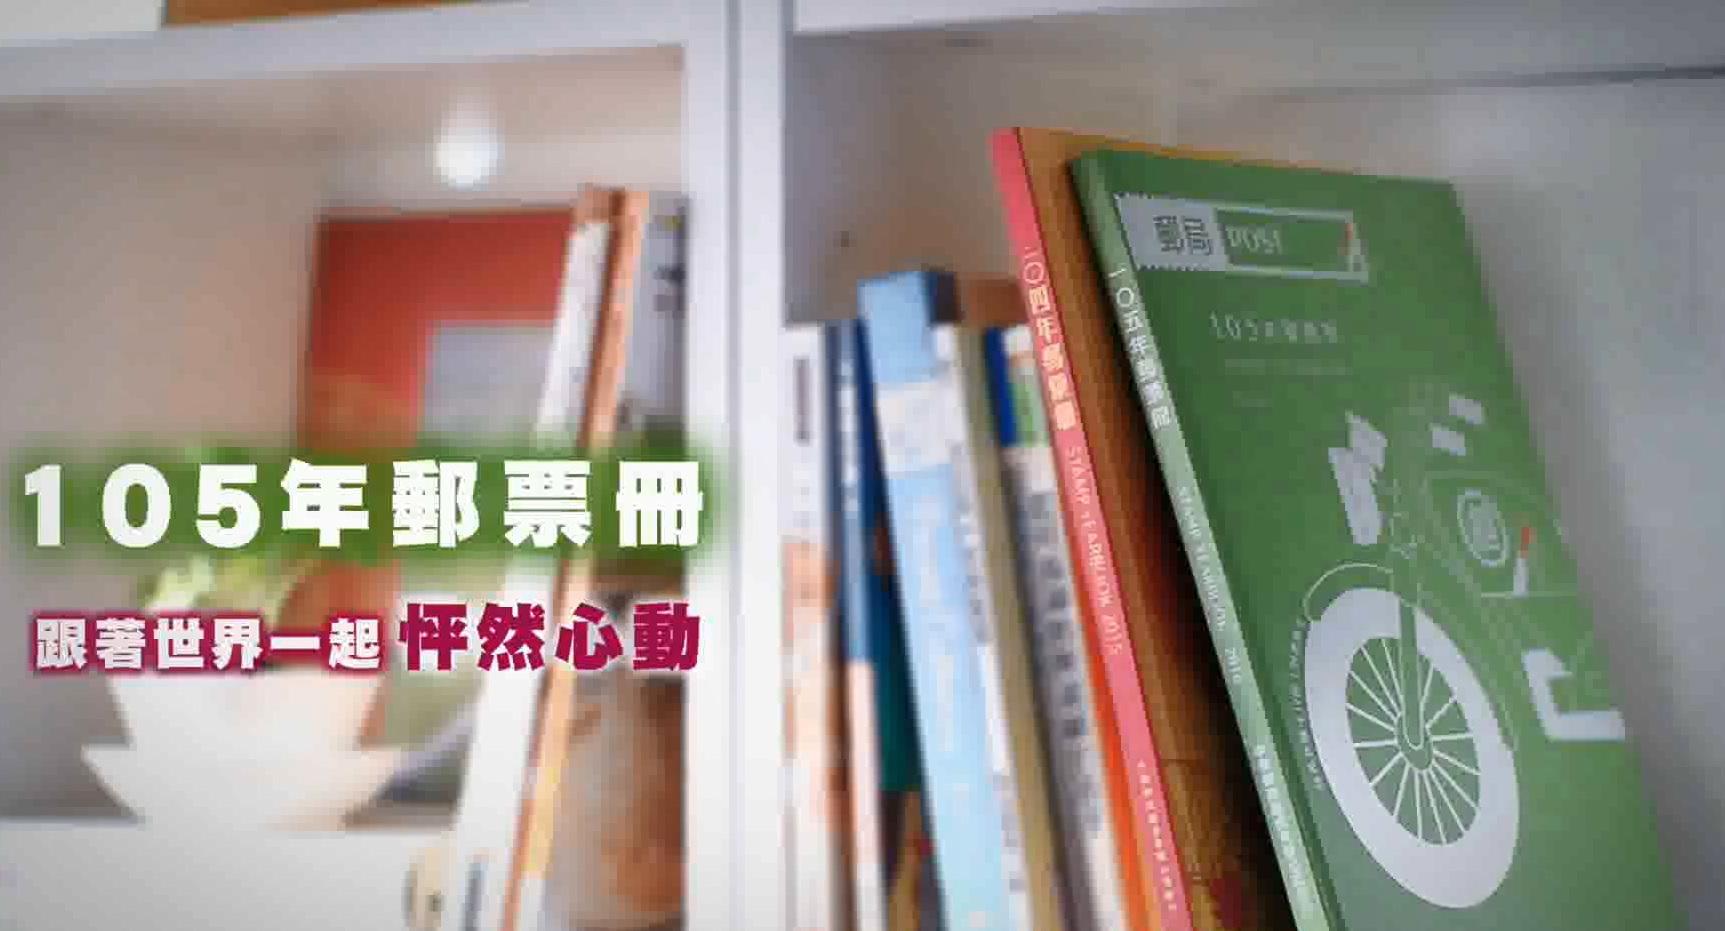 中華郵政 105年郵票冊 30秒